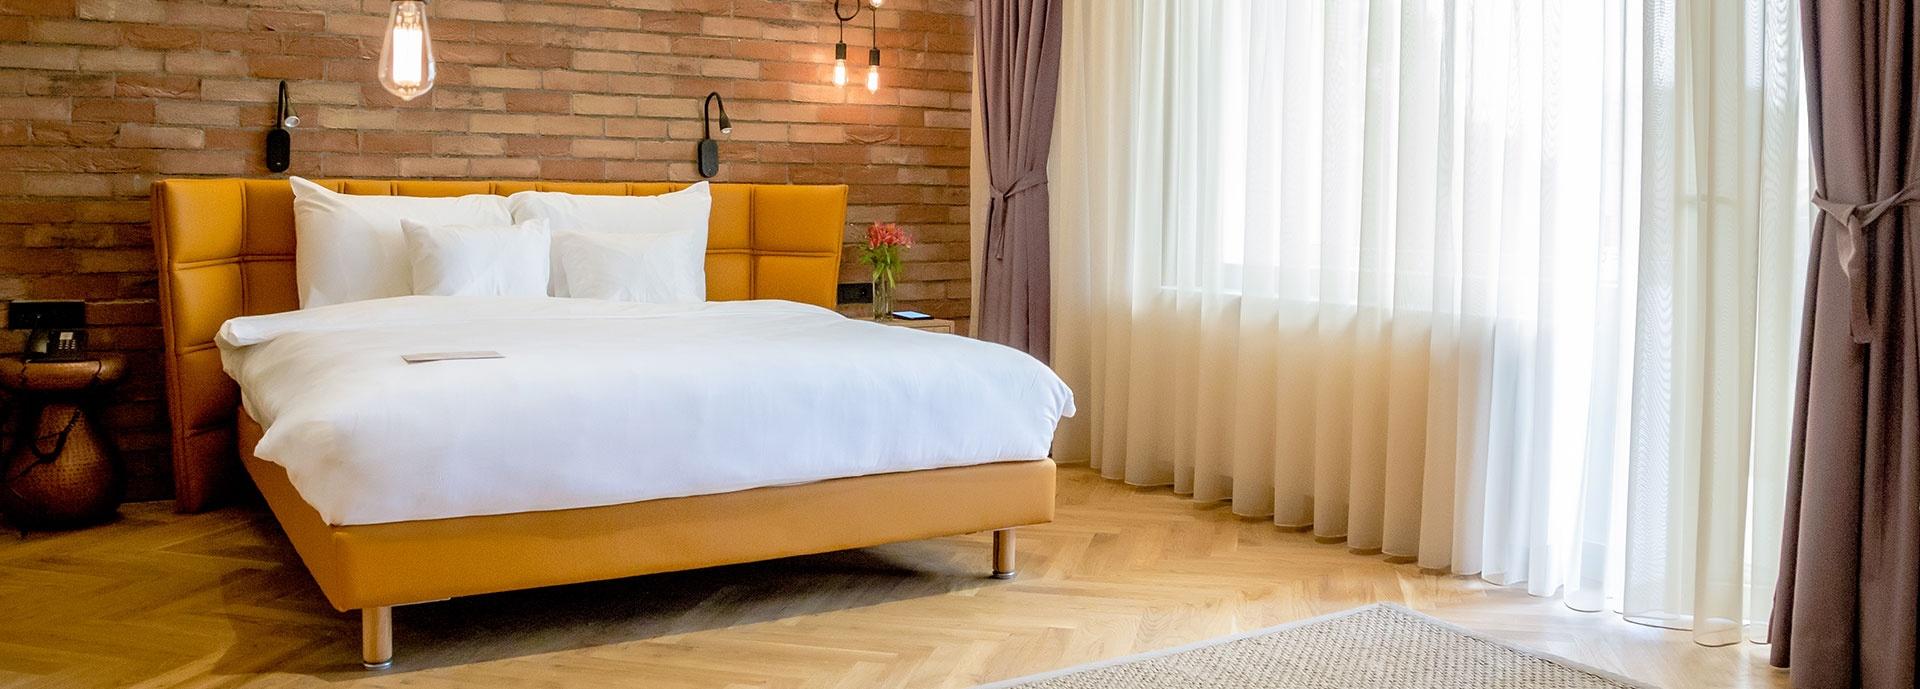 camere-premium-bucuresti-hotel-3-stele